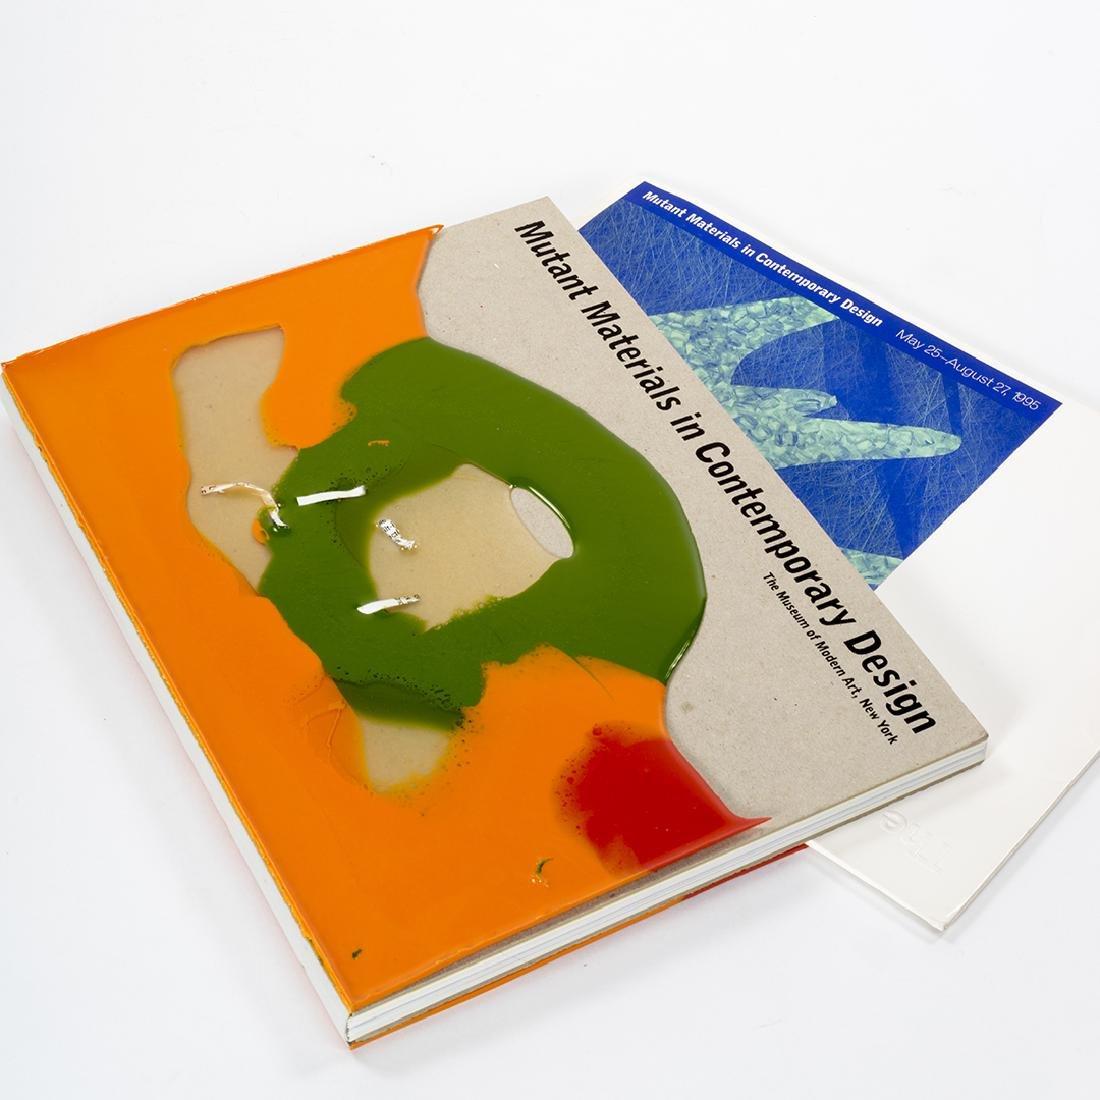 Gaetano Pesce Mutant Materials Catalog - 3